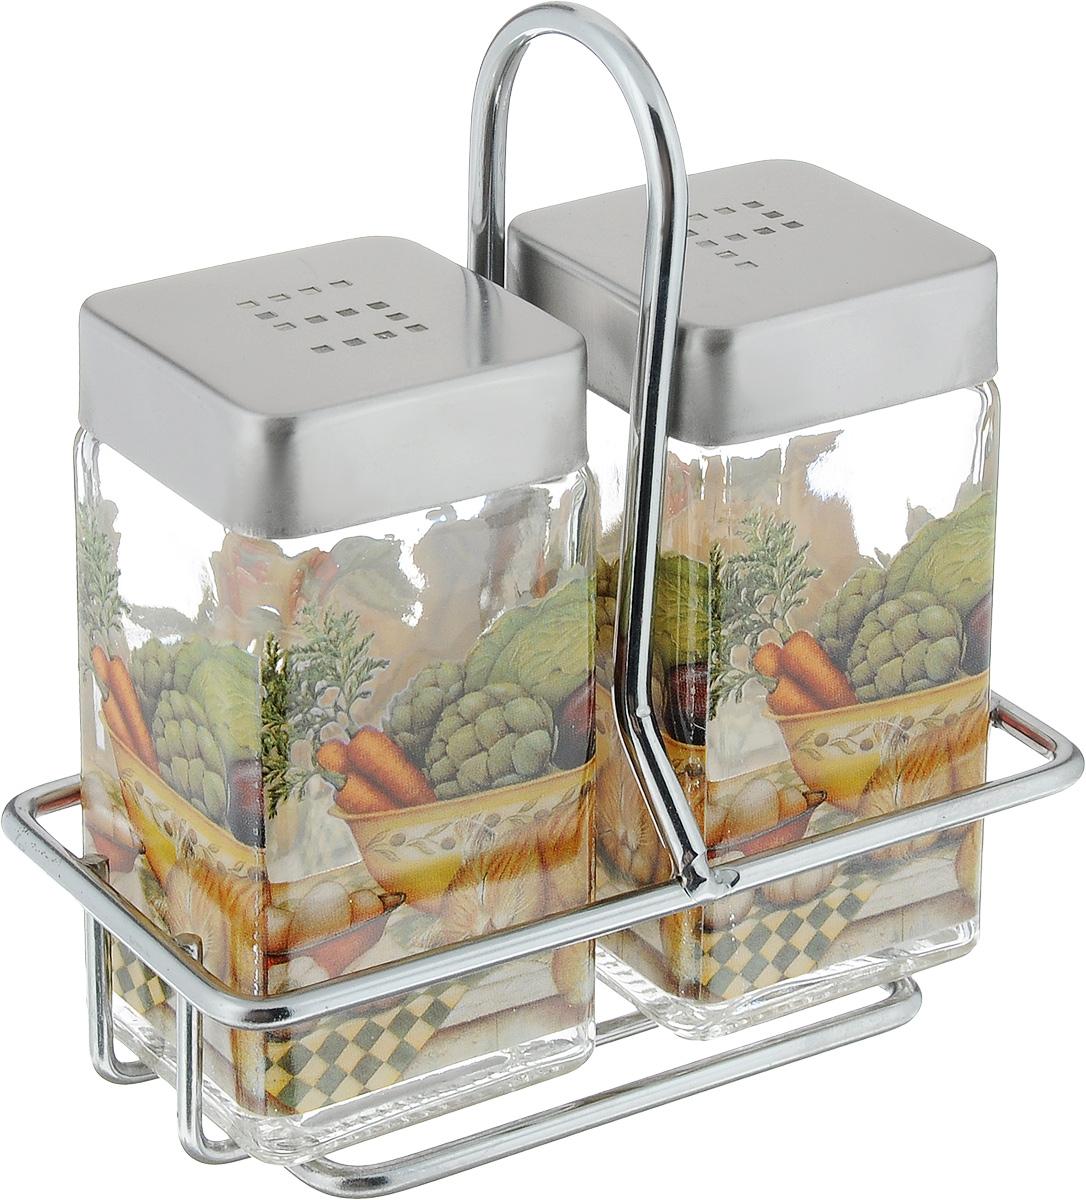 Набор для соли и перца SinoGlass Ленивый повар, 3 предметаSI-8050271-ALНабор SinoGlass Ленивый повар состоит из солонки, перечницы и подставки. Емкости, выполненные из стекла, оснащены металлическими крышками со специальными отверстиями для высыпания. Герметичность обеспечивают силиконовые вставки. Подставка выполнена из металла. Благодаря компактным размерам набор не займет много места на вашей кухне. Емкости легки в использовании: стоит только перевернуть их, и вы с легкостью сможете добавить соль и перец по вкусу в любое блюдо. Дизайн, эстетичность и функциональность набора SinoGlass Ленивый повар позволят ему стать достойным дополнением к кухонному инвентарю.Размер солонки/перечницы (с учетом крышки): 4,5 х 4,5 х 9,5 см.Размер подставки: 6 х 4 х 11,5 см.